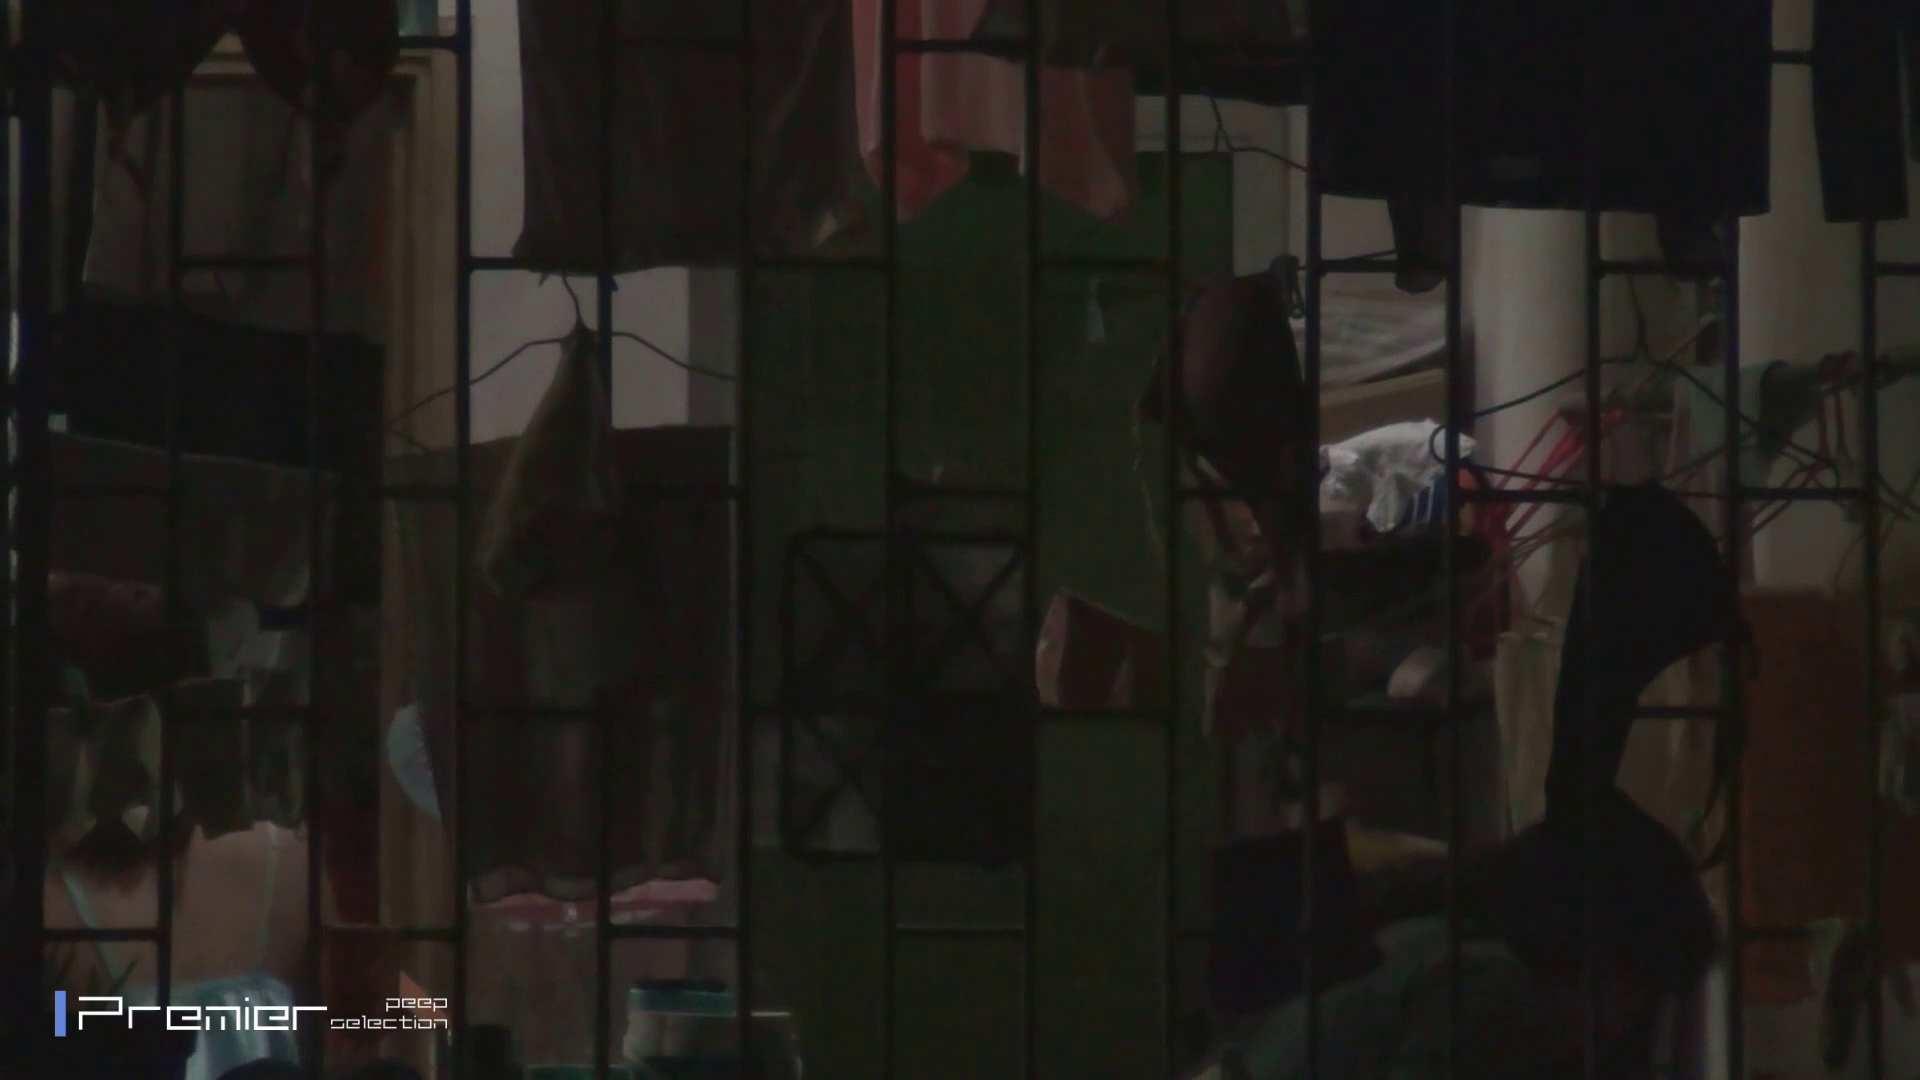 美女の痴態に密着!洗濯物を干す女 Vol.07 細身女性 オマンコ無修正動画無料 98画像 24